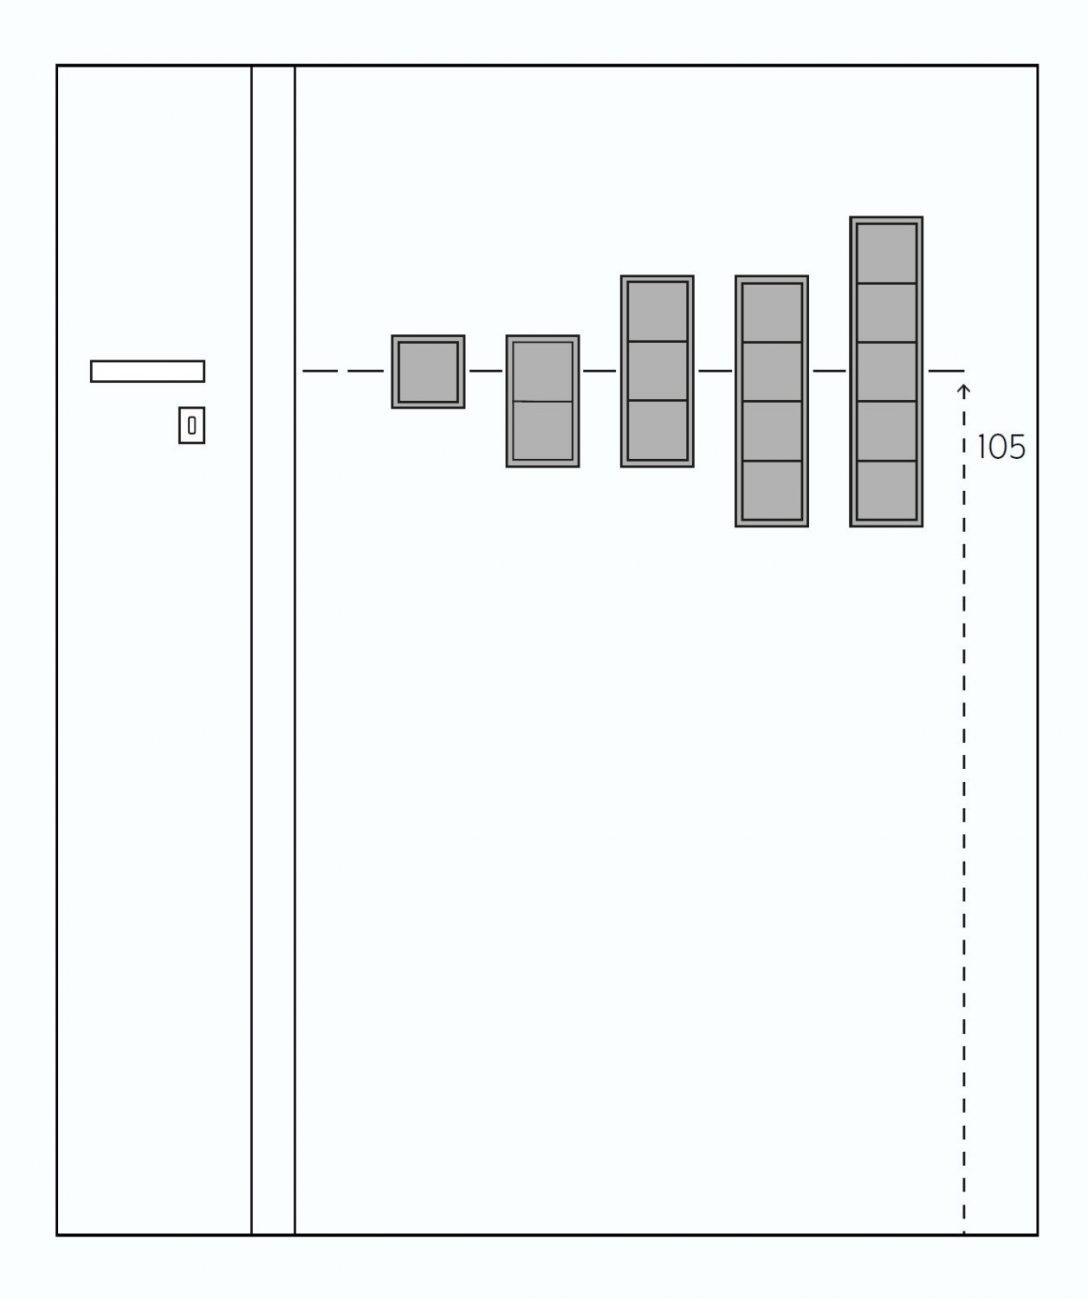 Large Size of Standardmaße Fenster Leitungsverlegung Und Installationszonen Elektro Leitungen Runde Sonnenschutzfolie Innen Erneuern Kosten Trocal Holz Alu Preise Pvc Weru Fenster Standardmaße Fenster